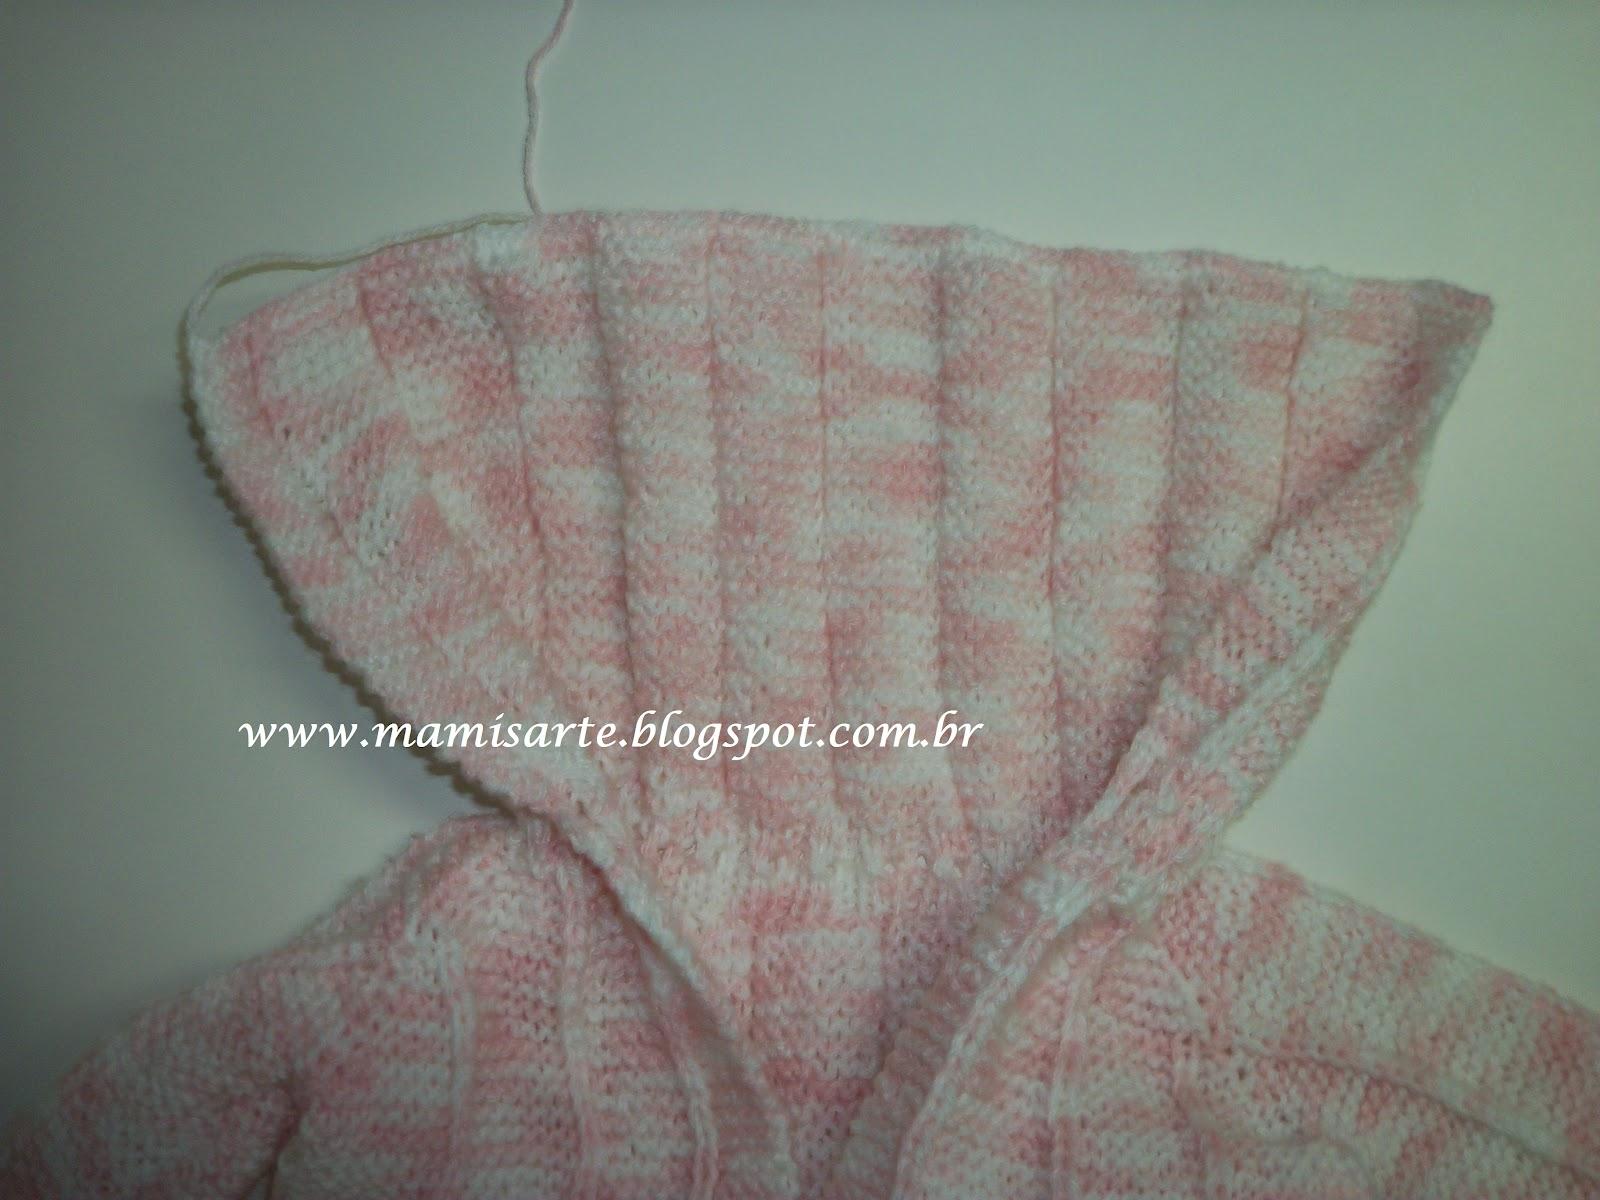 blogspot.com.br/2008/06/sapatinho-em-crochet-para-bb-como-fazer.html